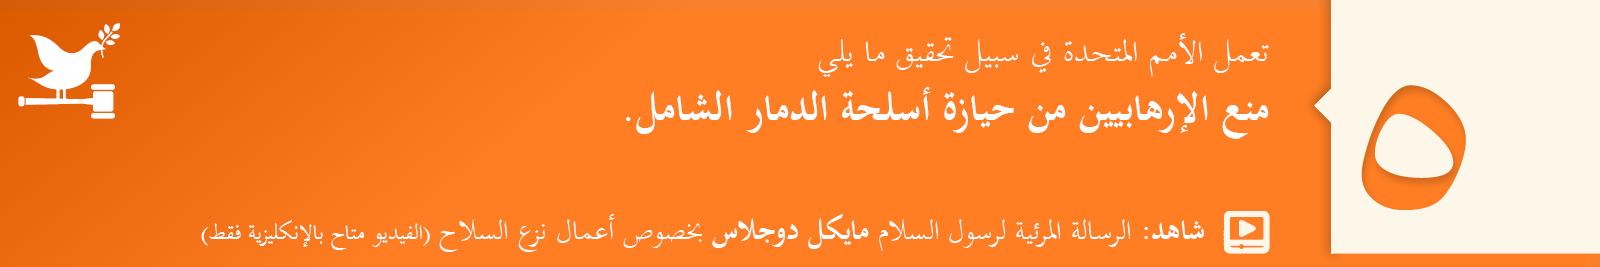 5. منع الإرهابيين من حيازة أسلحة الدمار الشامل.